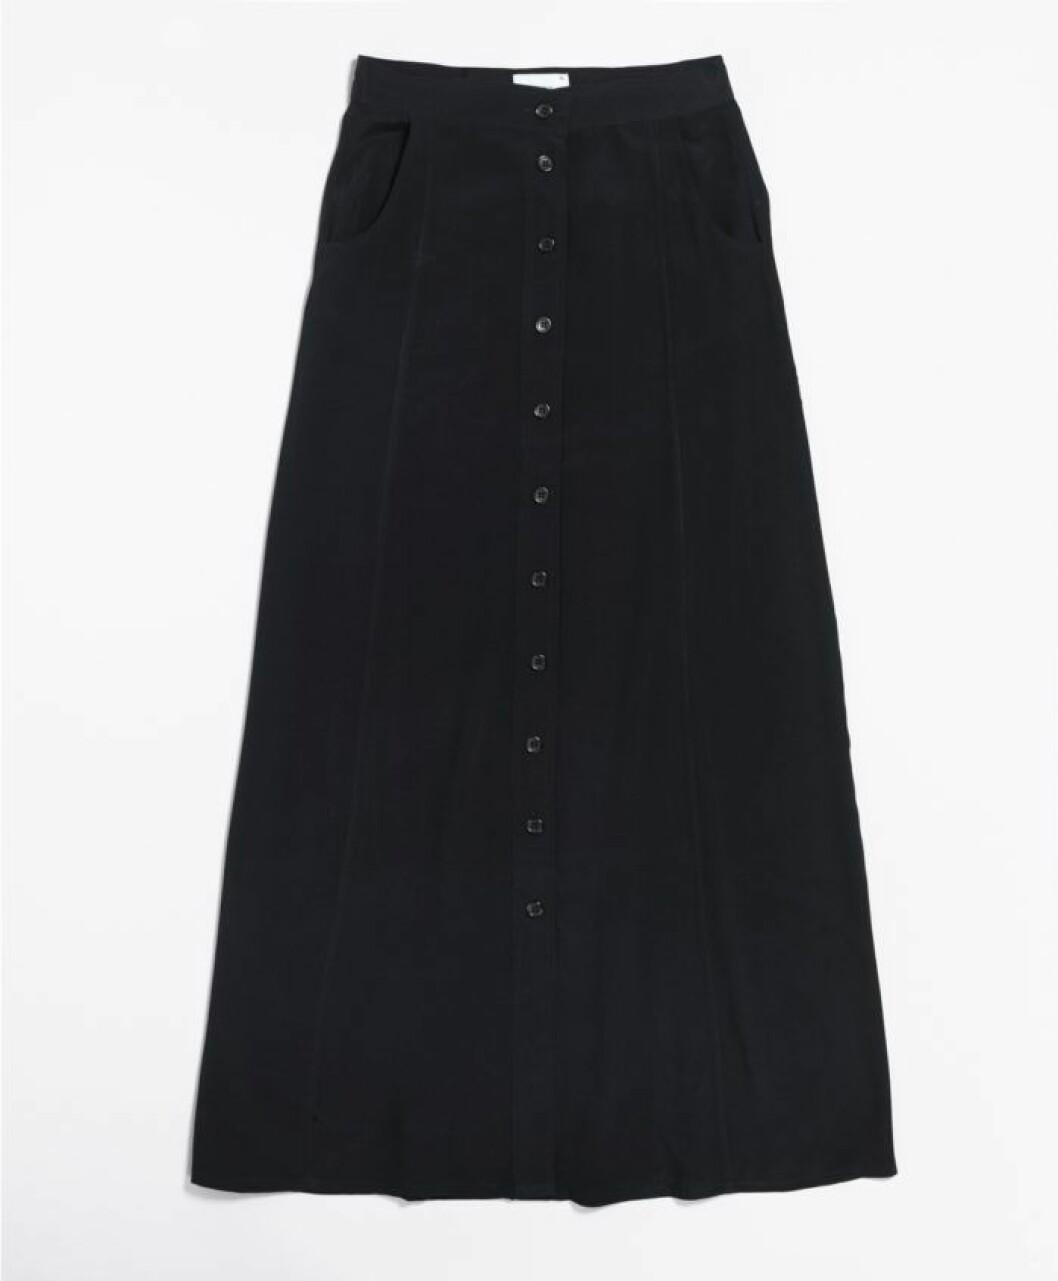 kjol-gina-tricot